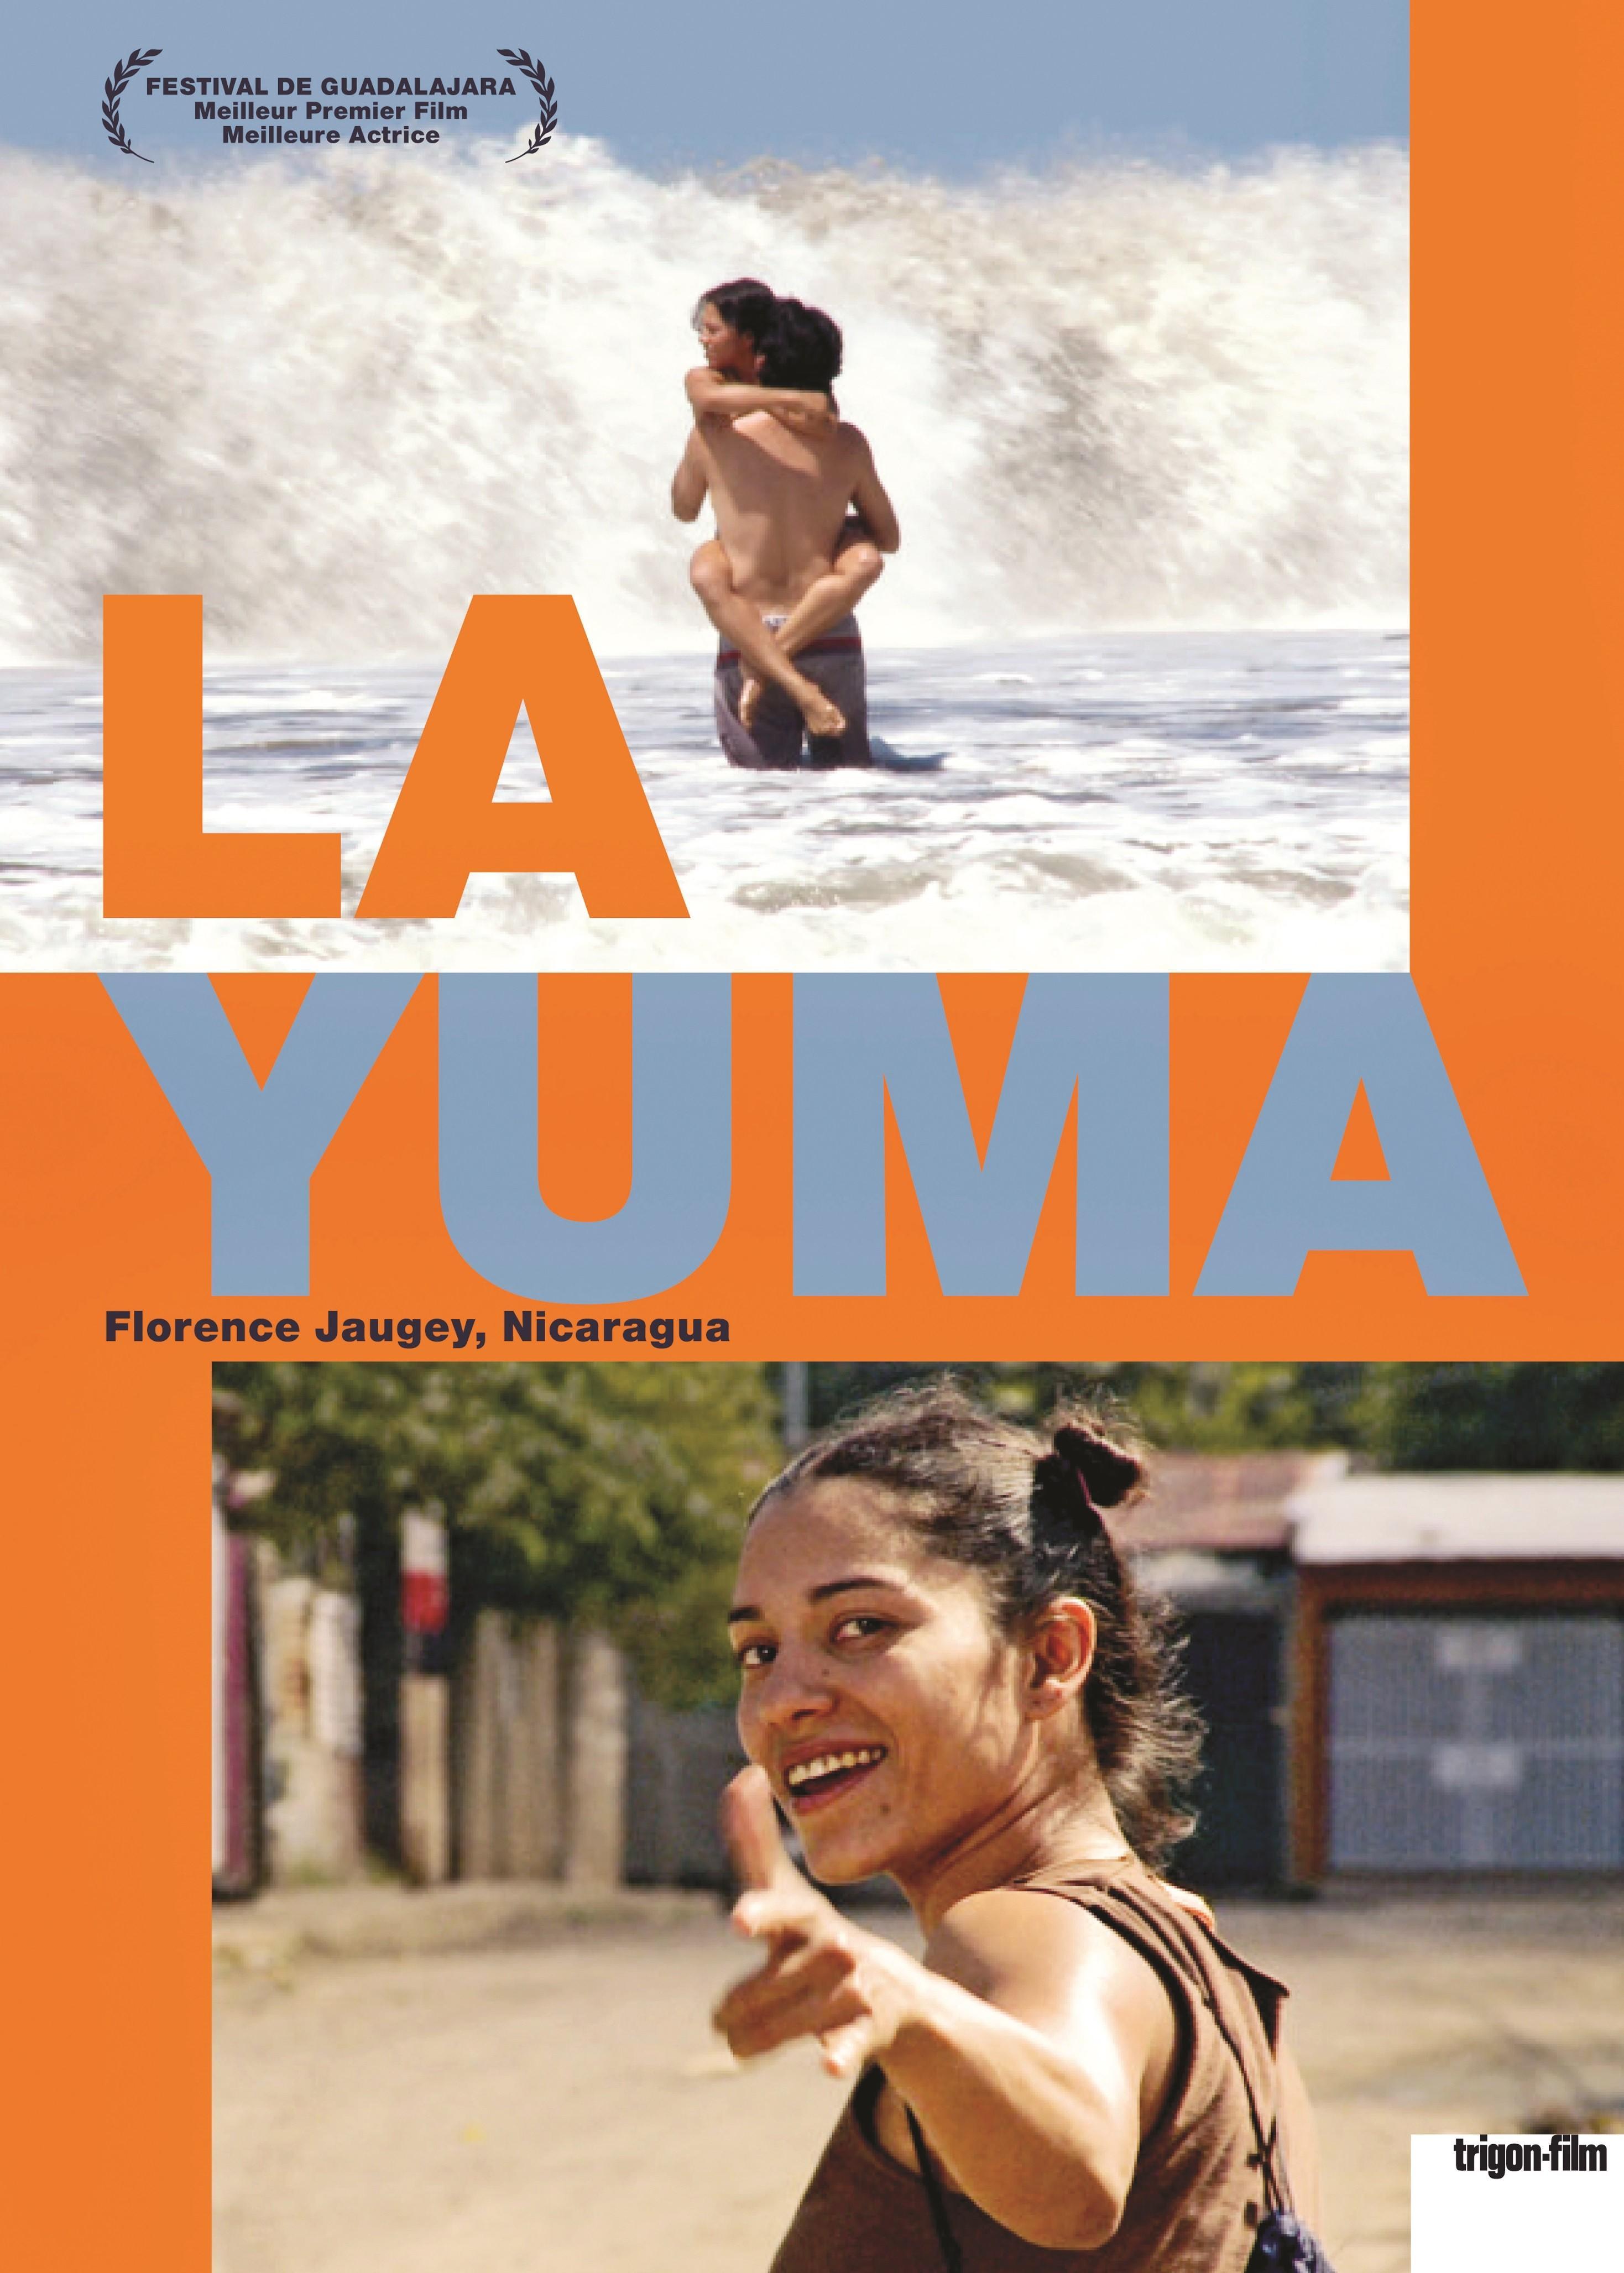 Cartel de la película La Yuma de Florence Jaugey, 2009.